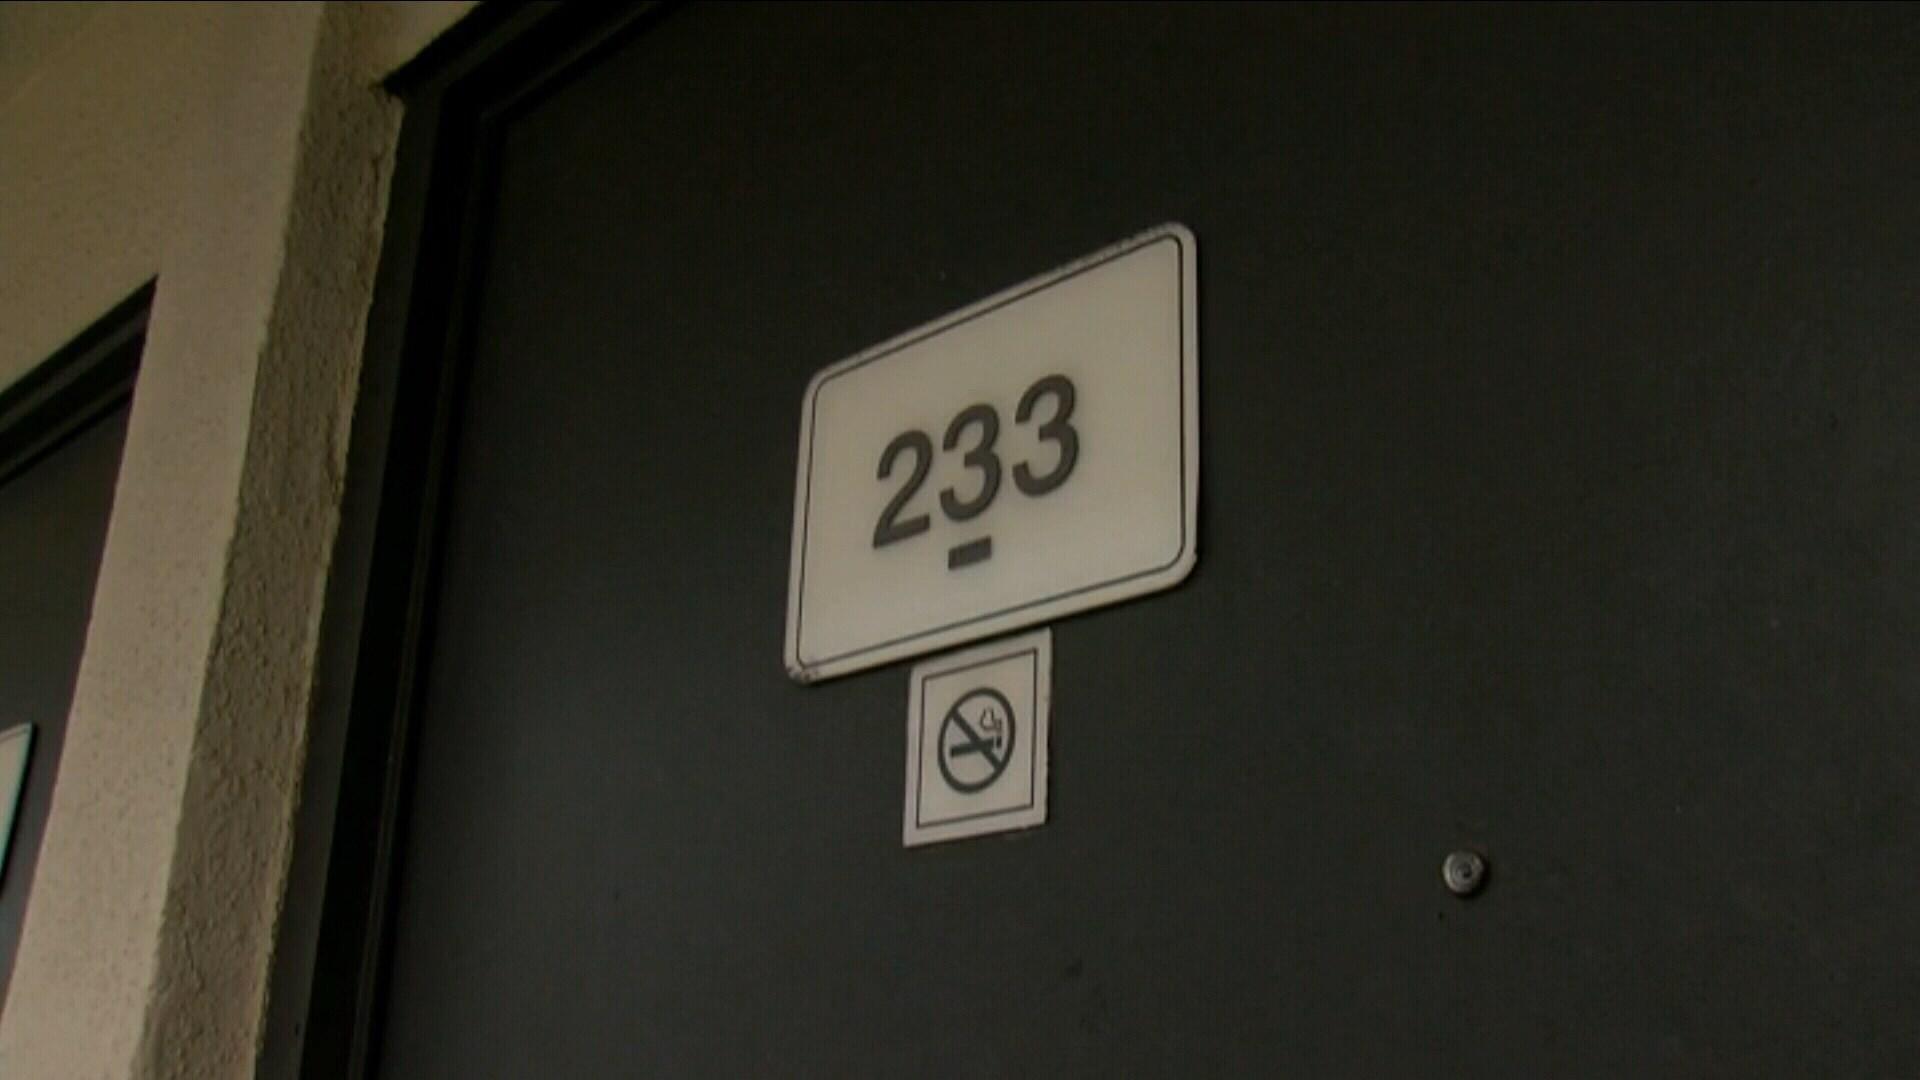 Weaver's motel room